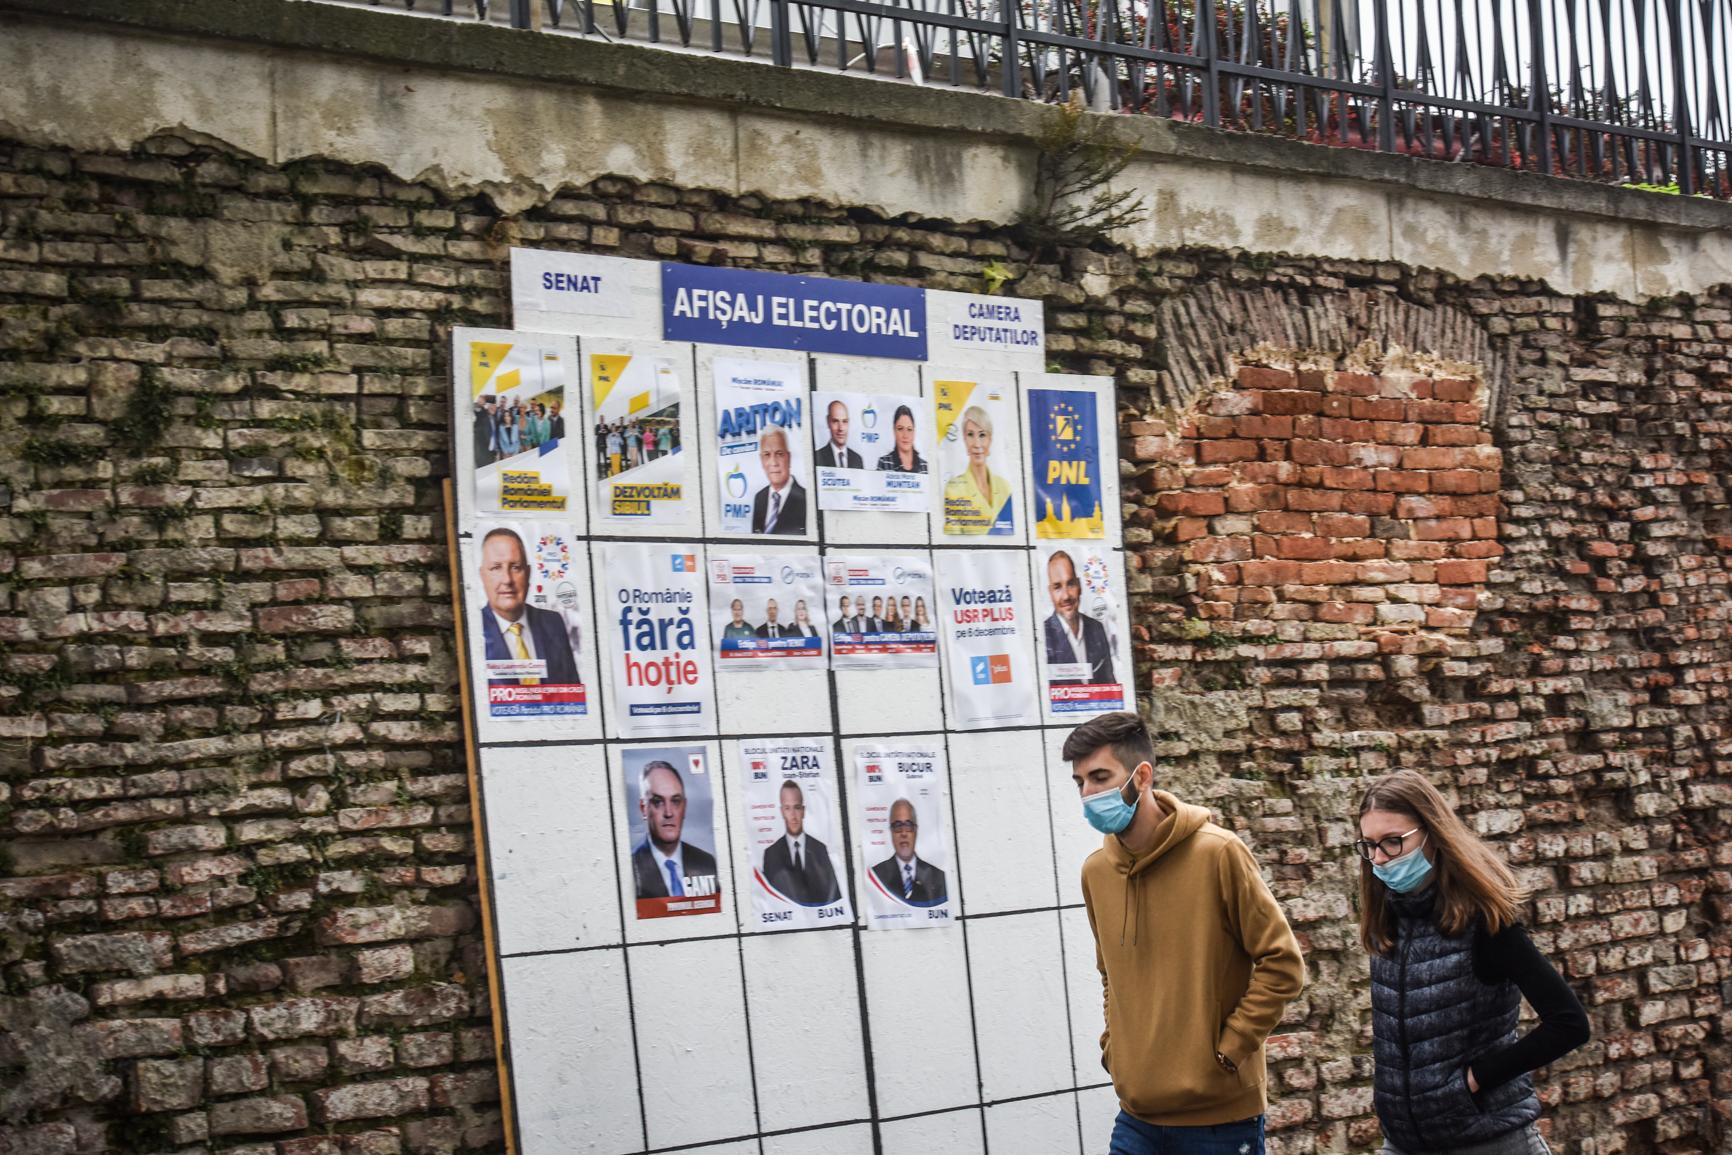 Analiză: Județul bipolar. Zonele Sibiu și Mediaș controlează două treimi din voturile din județ